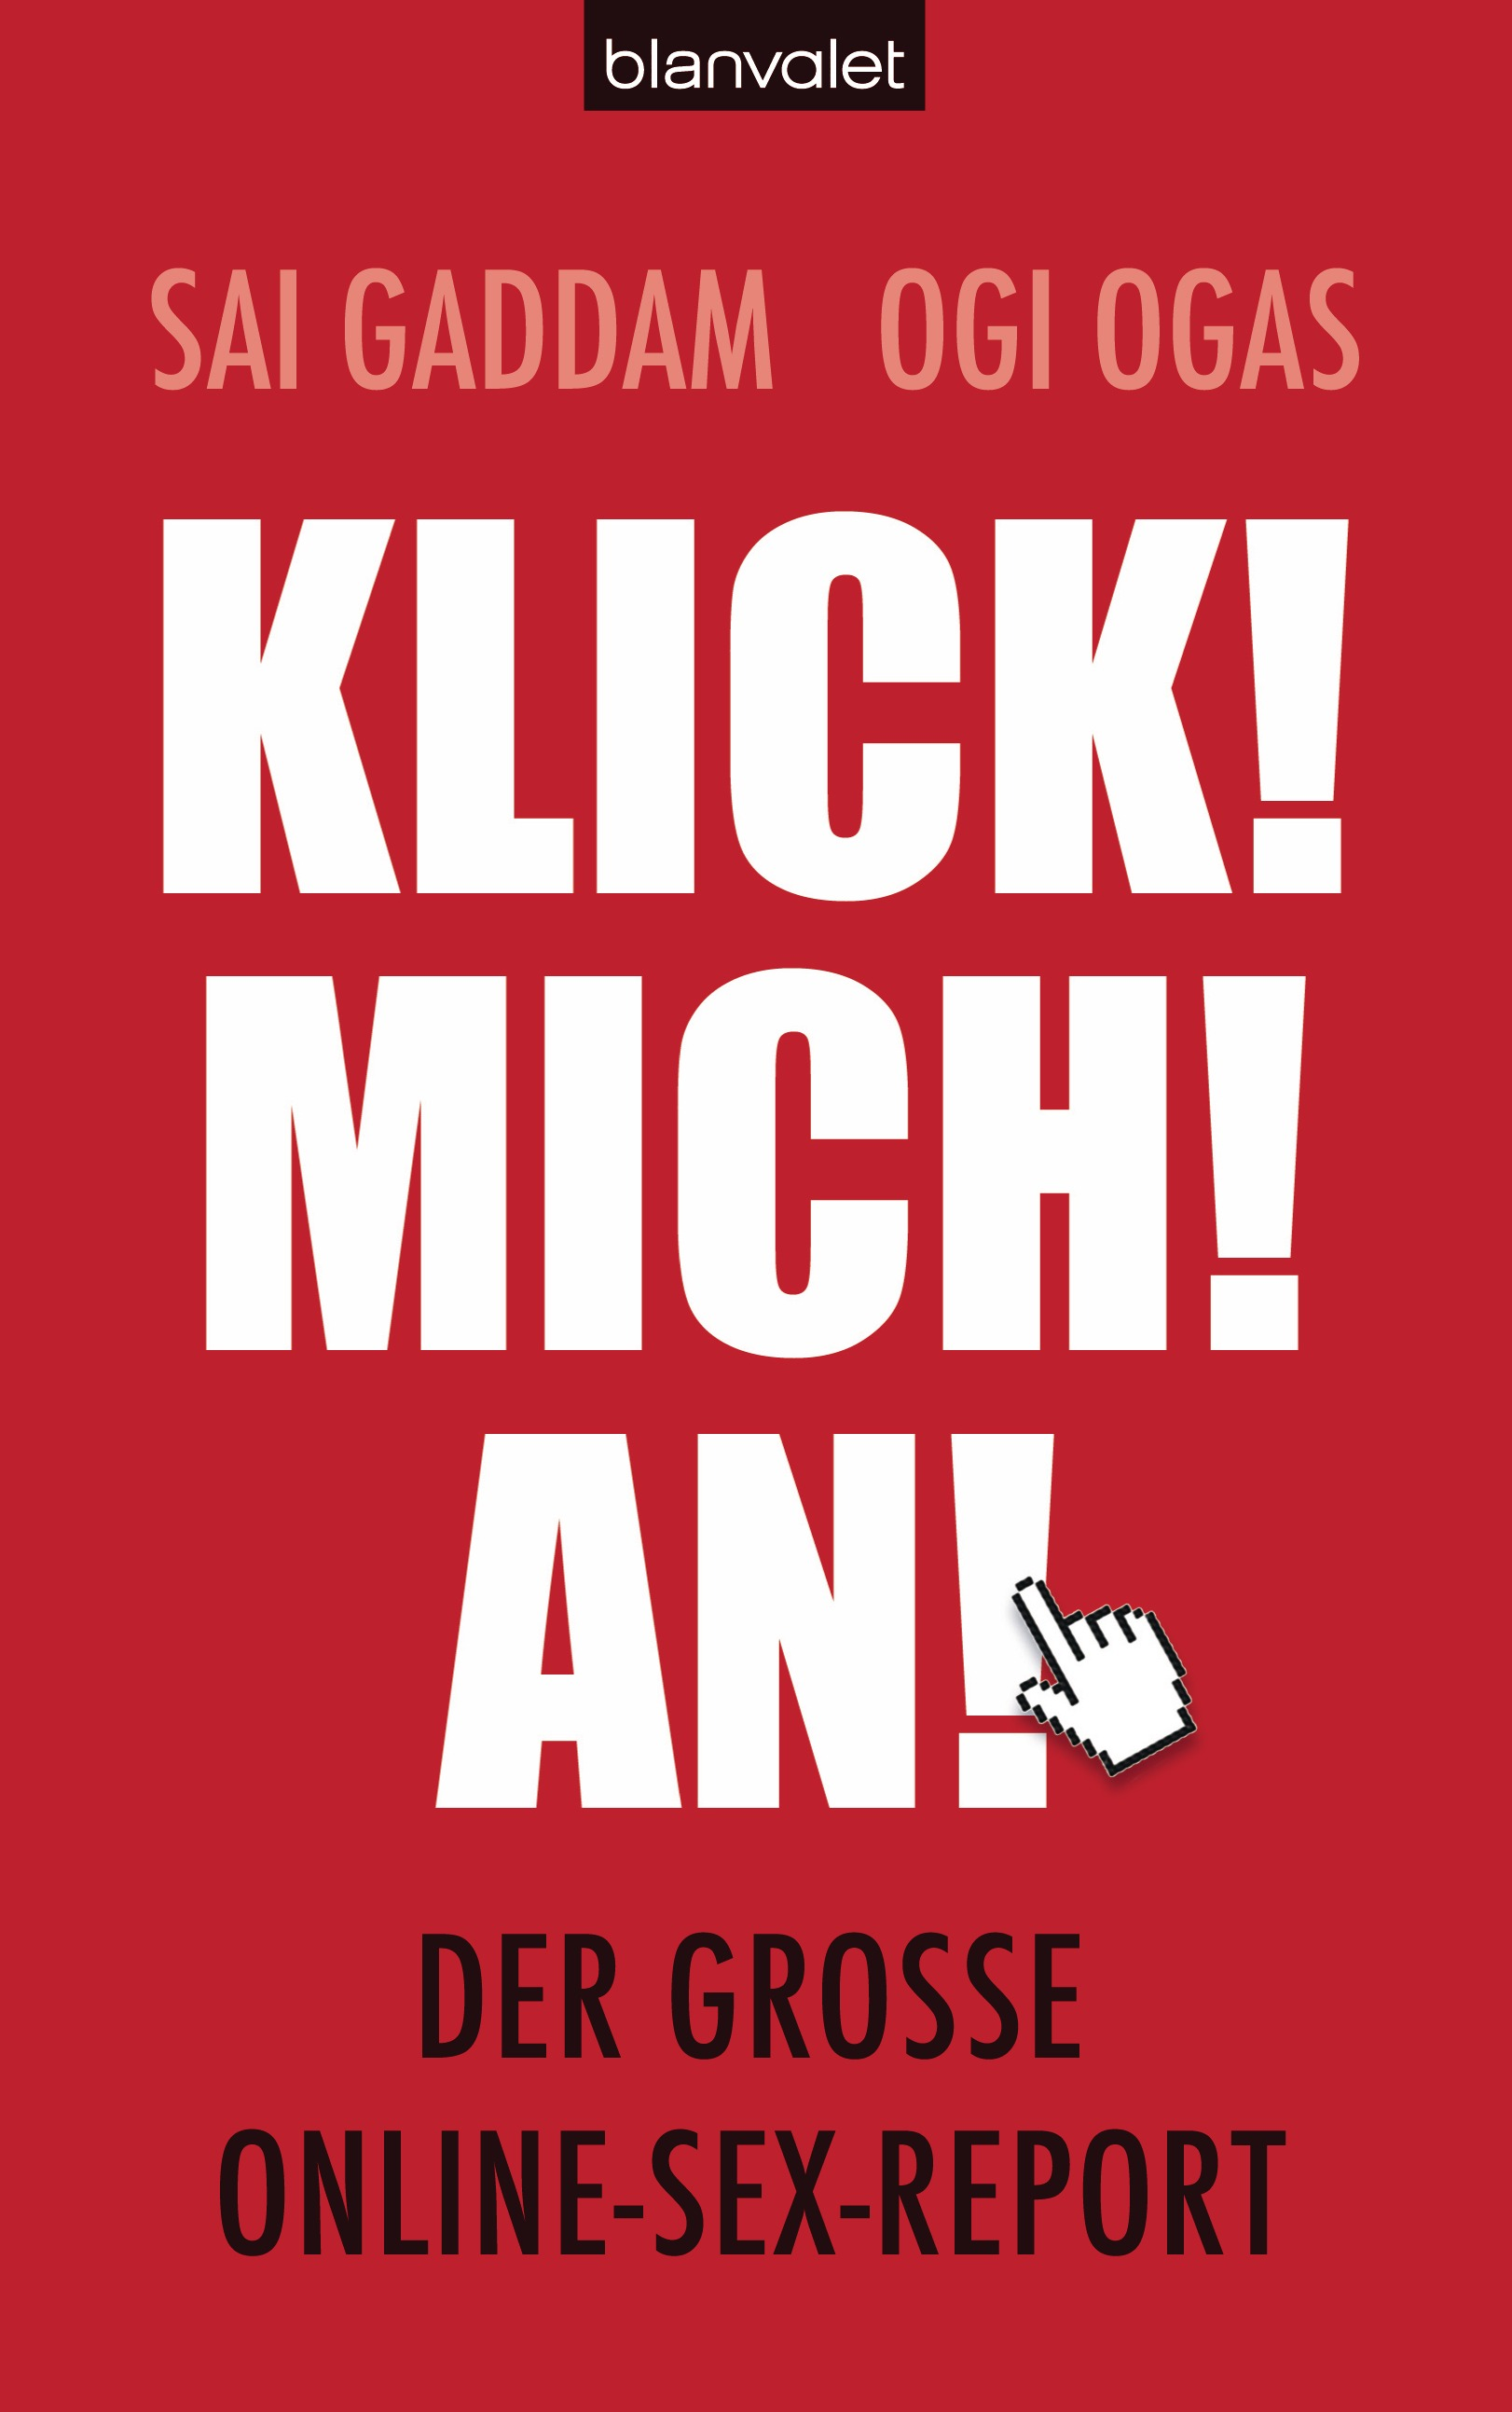 Das Cover der deutschen Ausgabe (Foto: Randomhouse)